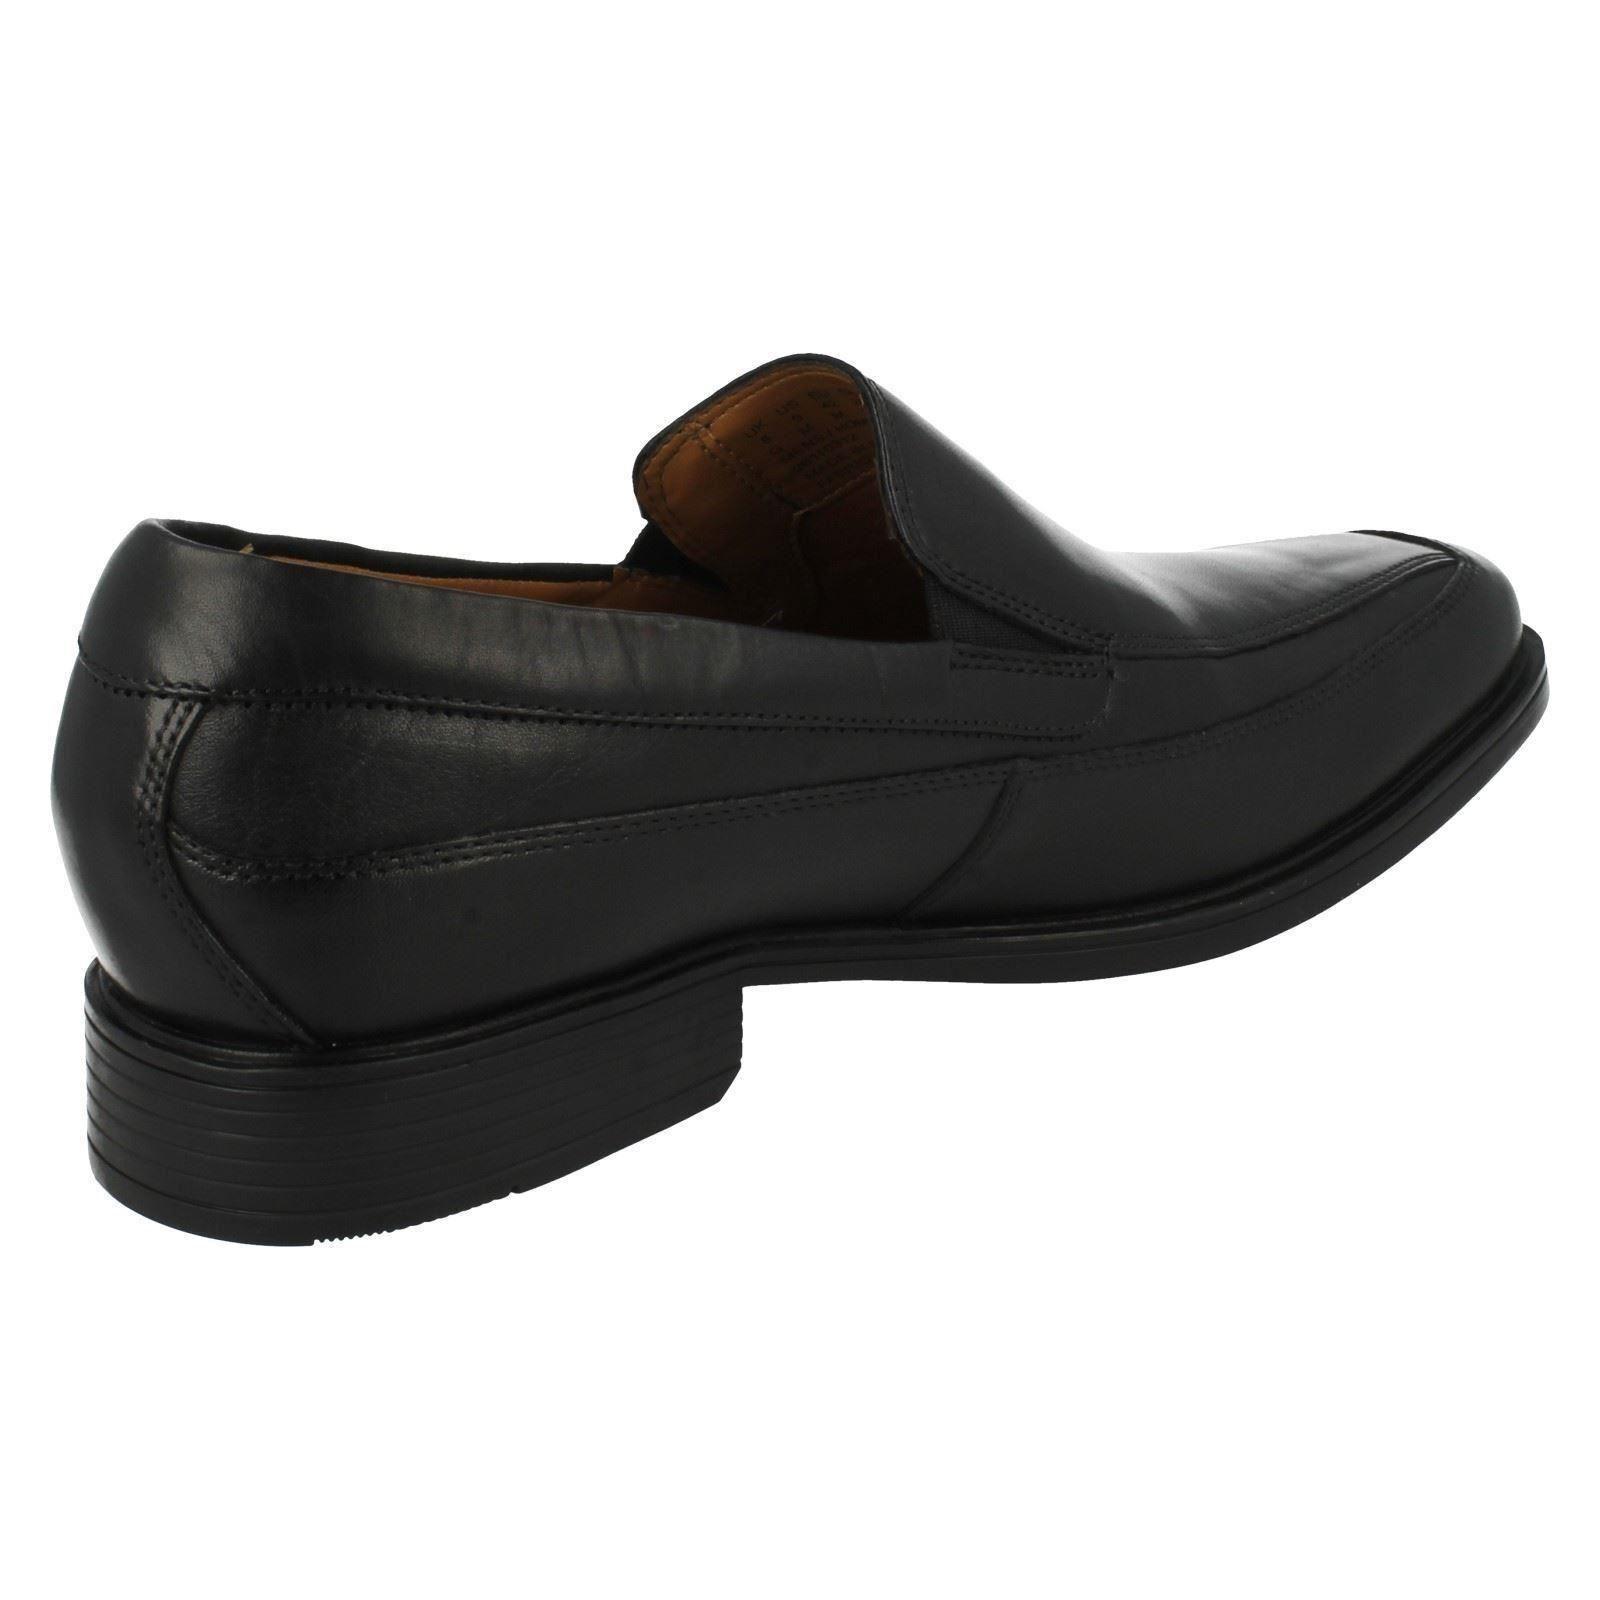 Herren Tilden gratis schwarze Clarks Slipper Schuhe von Clarks schwarze Verkaufspreis 86b385